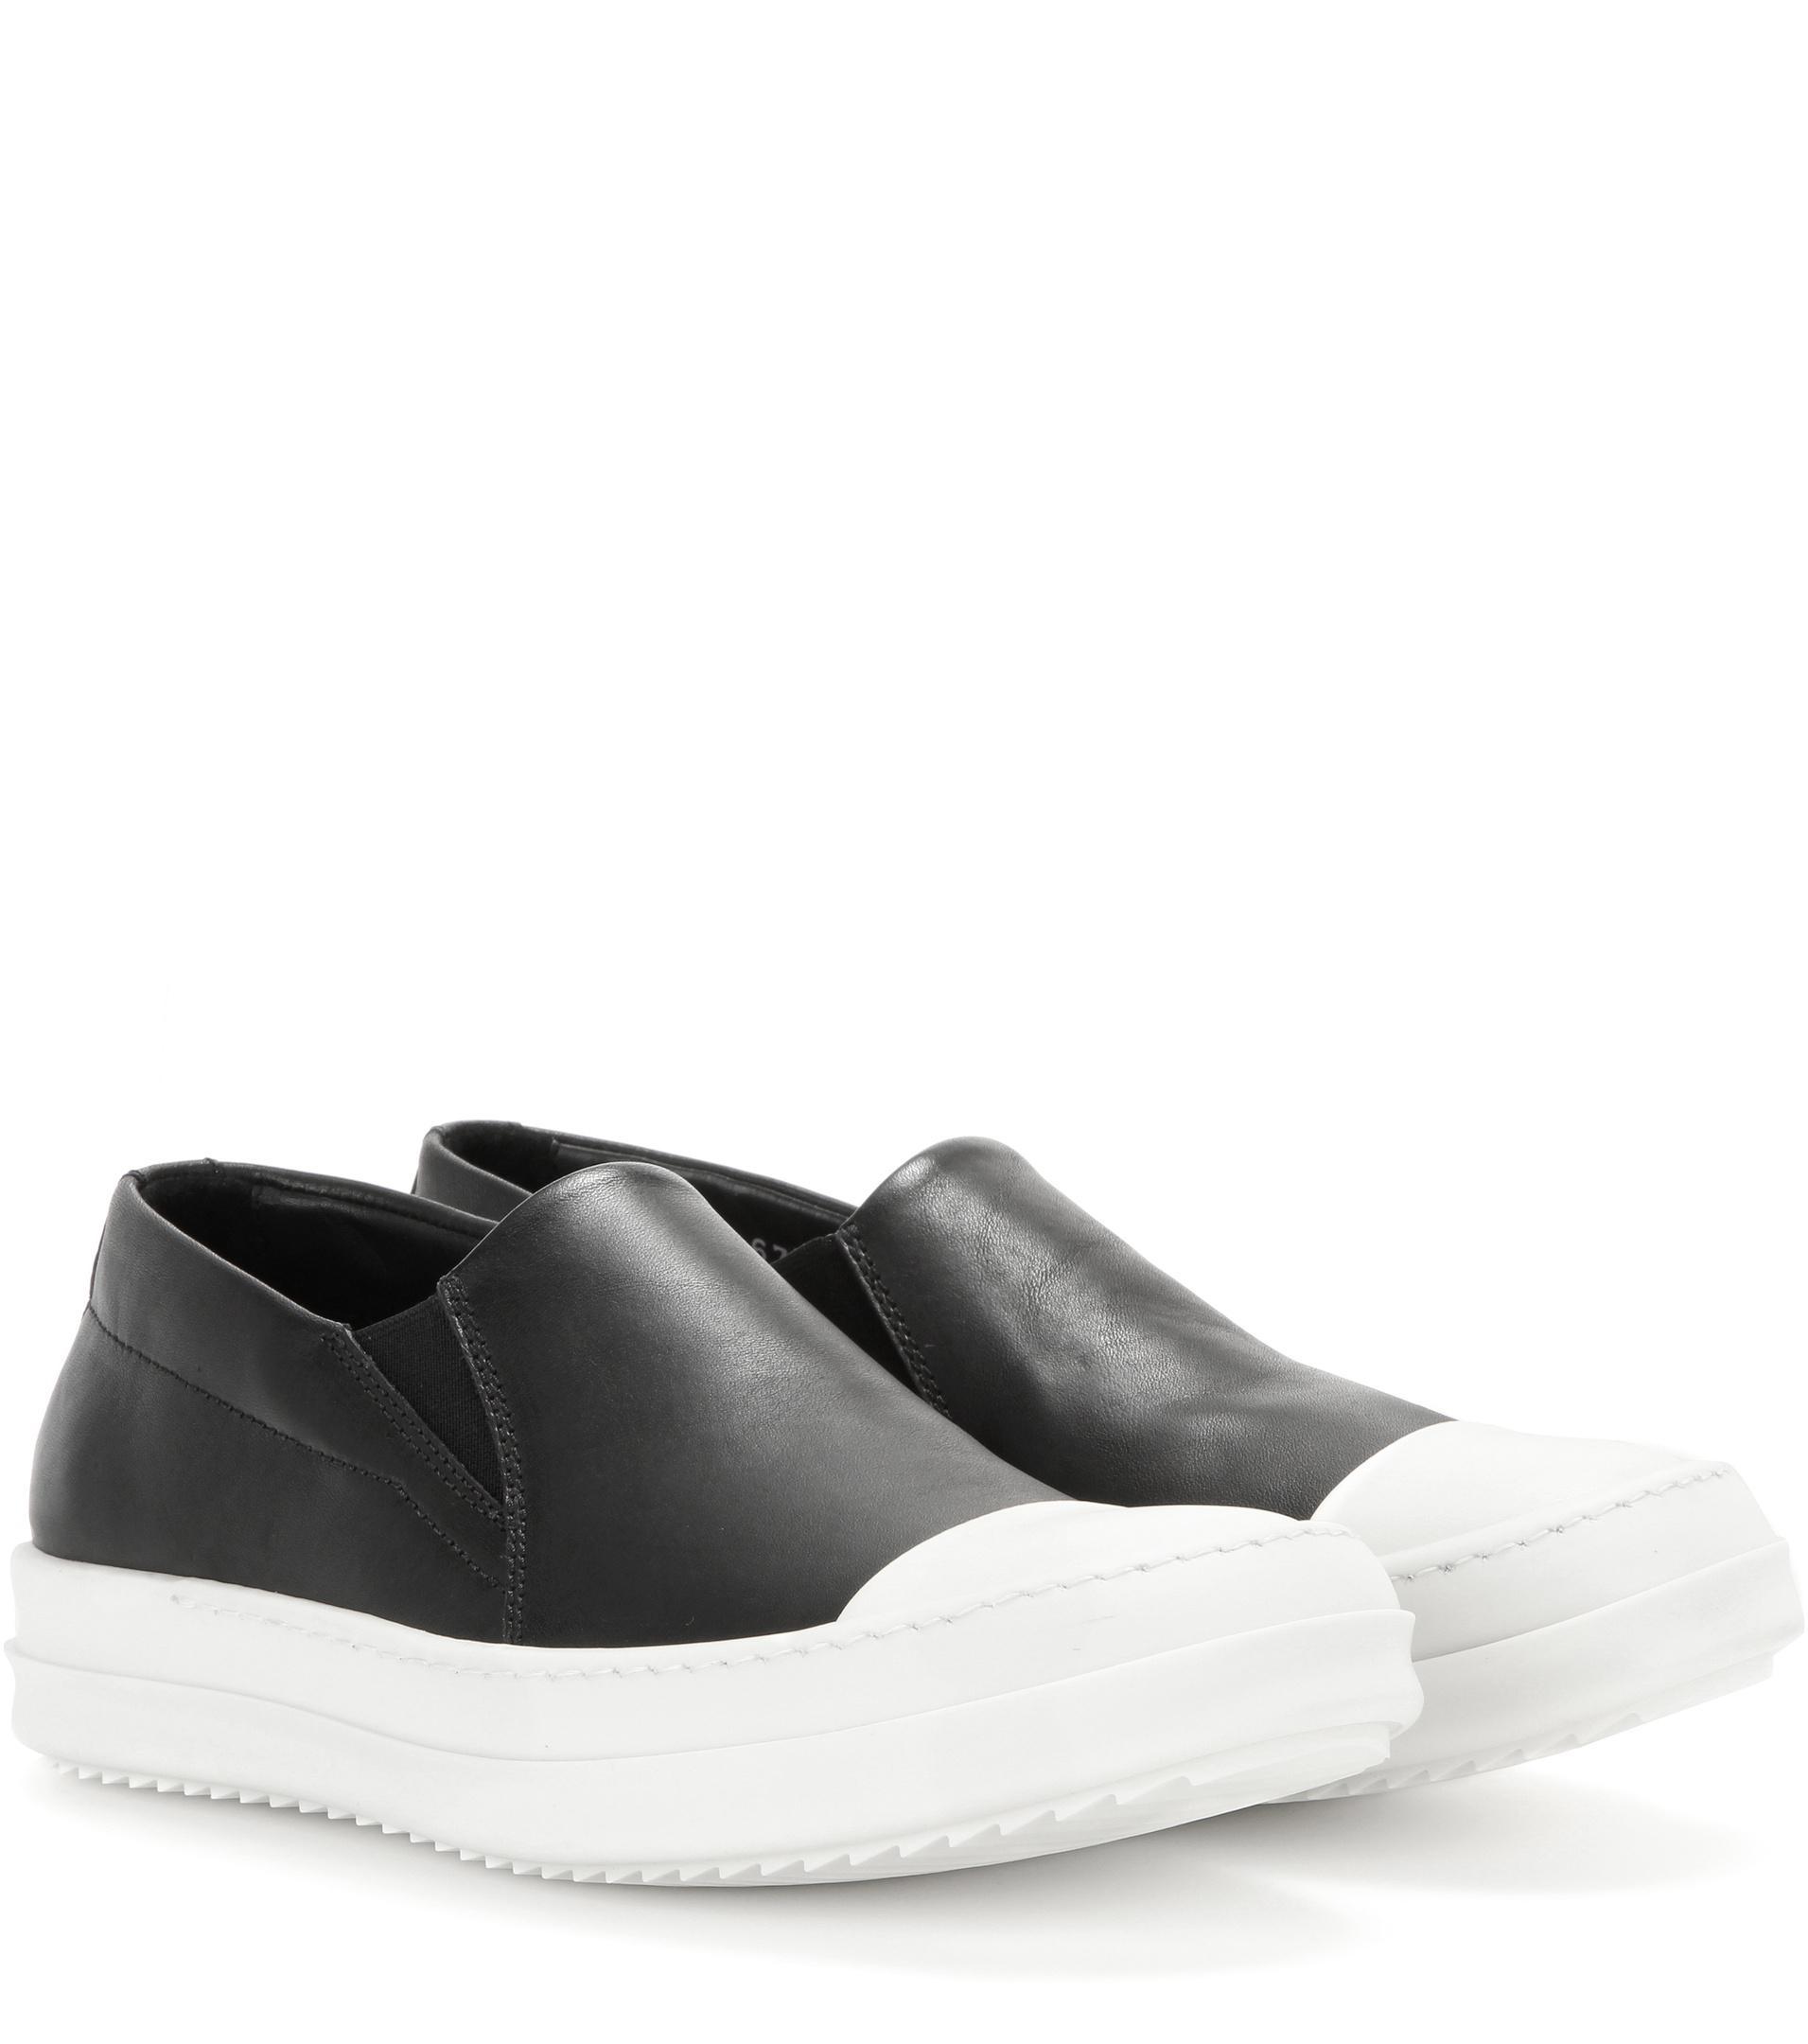 Rick Owens Black Suede Boat Slip-On Sneakers uYDN2Gty4